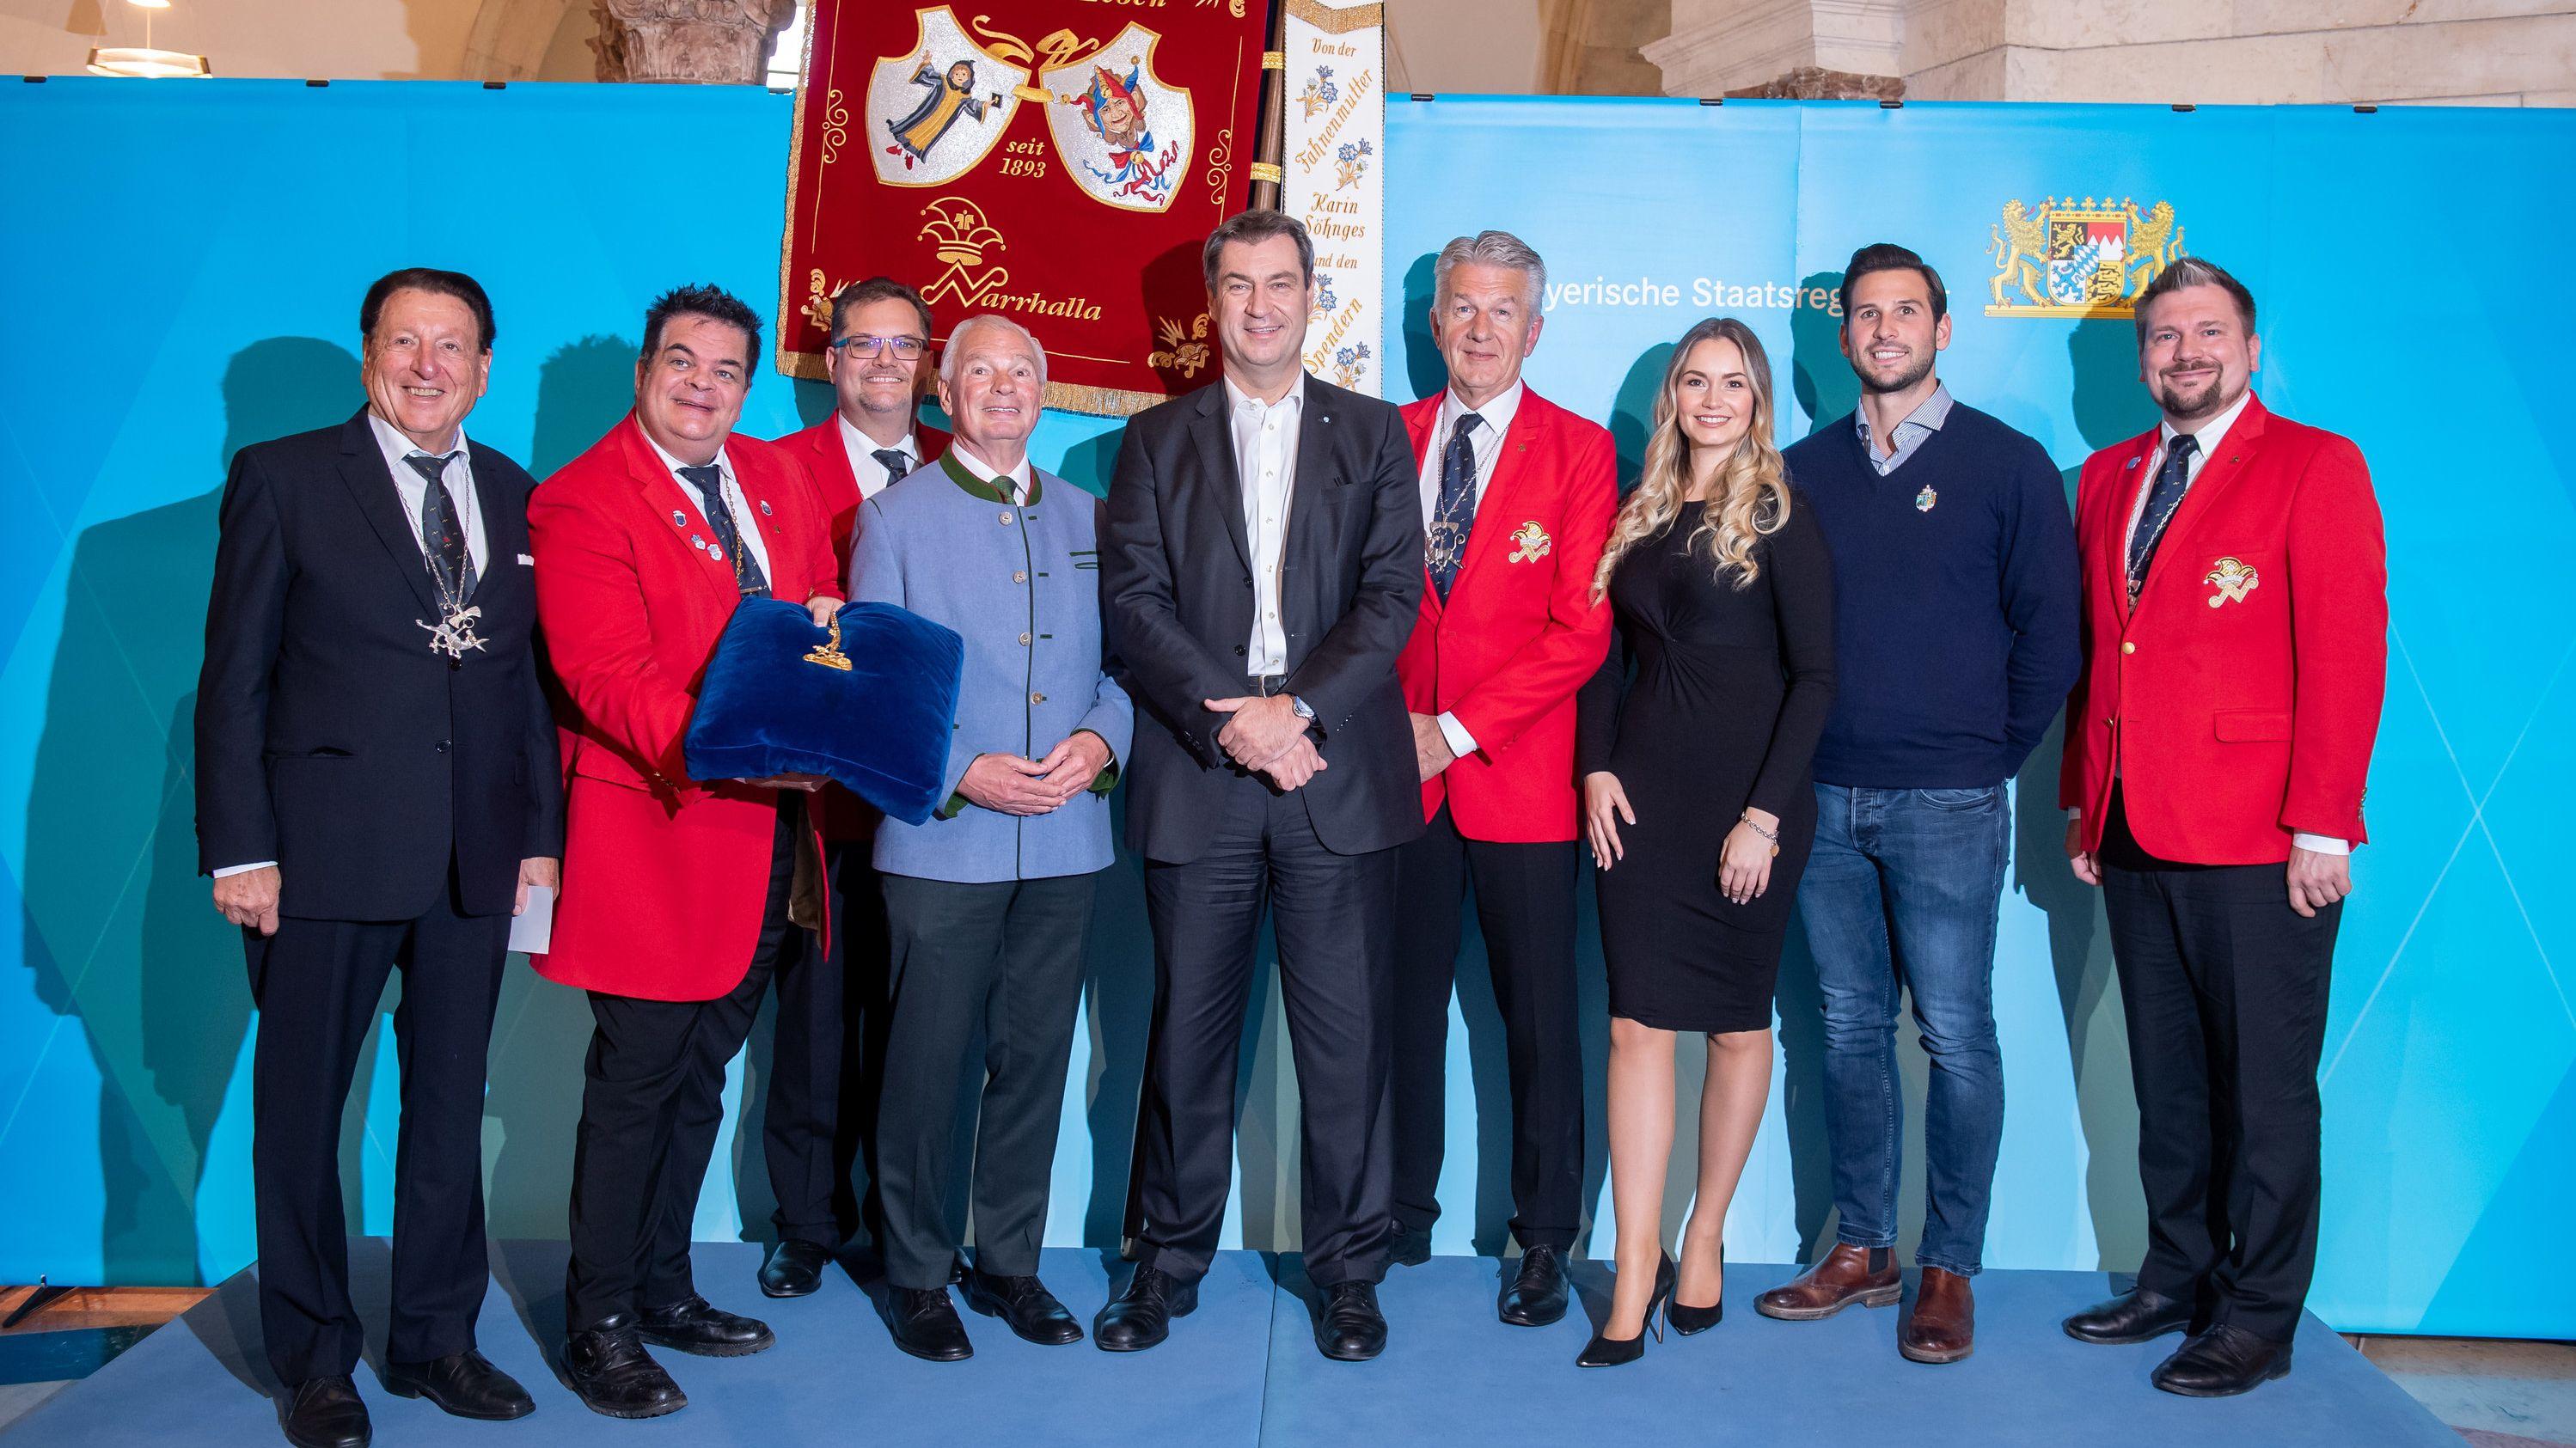 Ministerpräsident Markus Söder bei seiner Nominierung für den Karl-Valentin-Orden mit Vertretern der Münchner Karnevalsgesellschaft Narrhalla